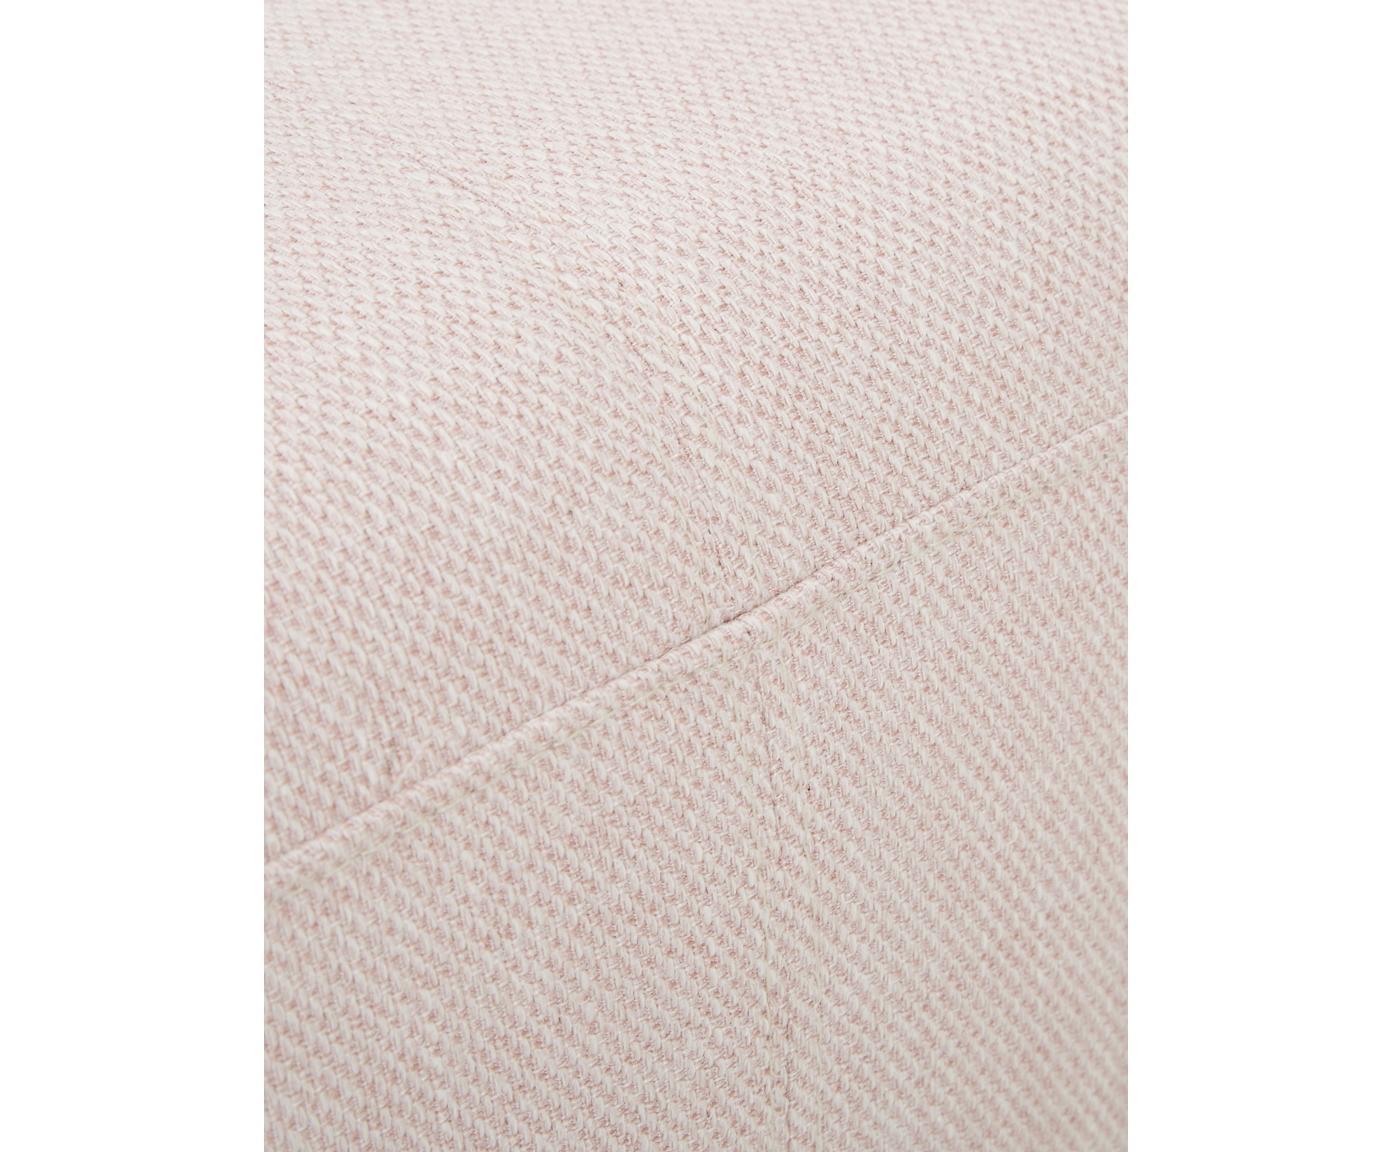 Sofa Ramira (2-Sitzer), Bezug: Polyester 40.000 Scheuert, Gestell: Massives Kiefernholz, Spe, Füße: Metall, pulverbeschichtet, Webstoff Rosa, 151 x 79 cm